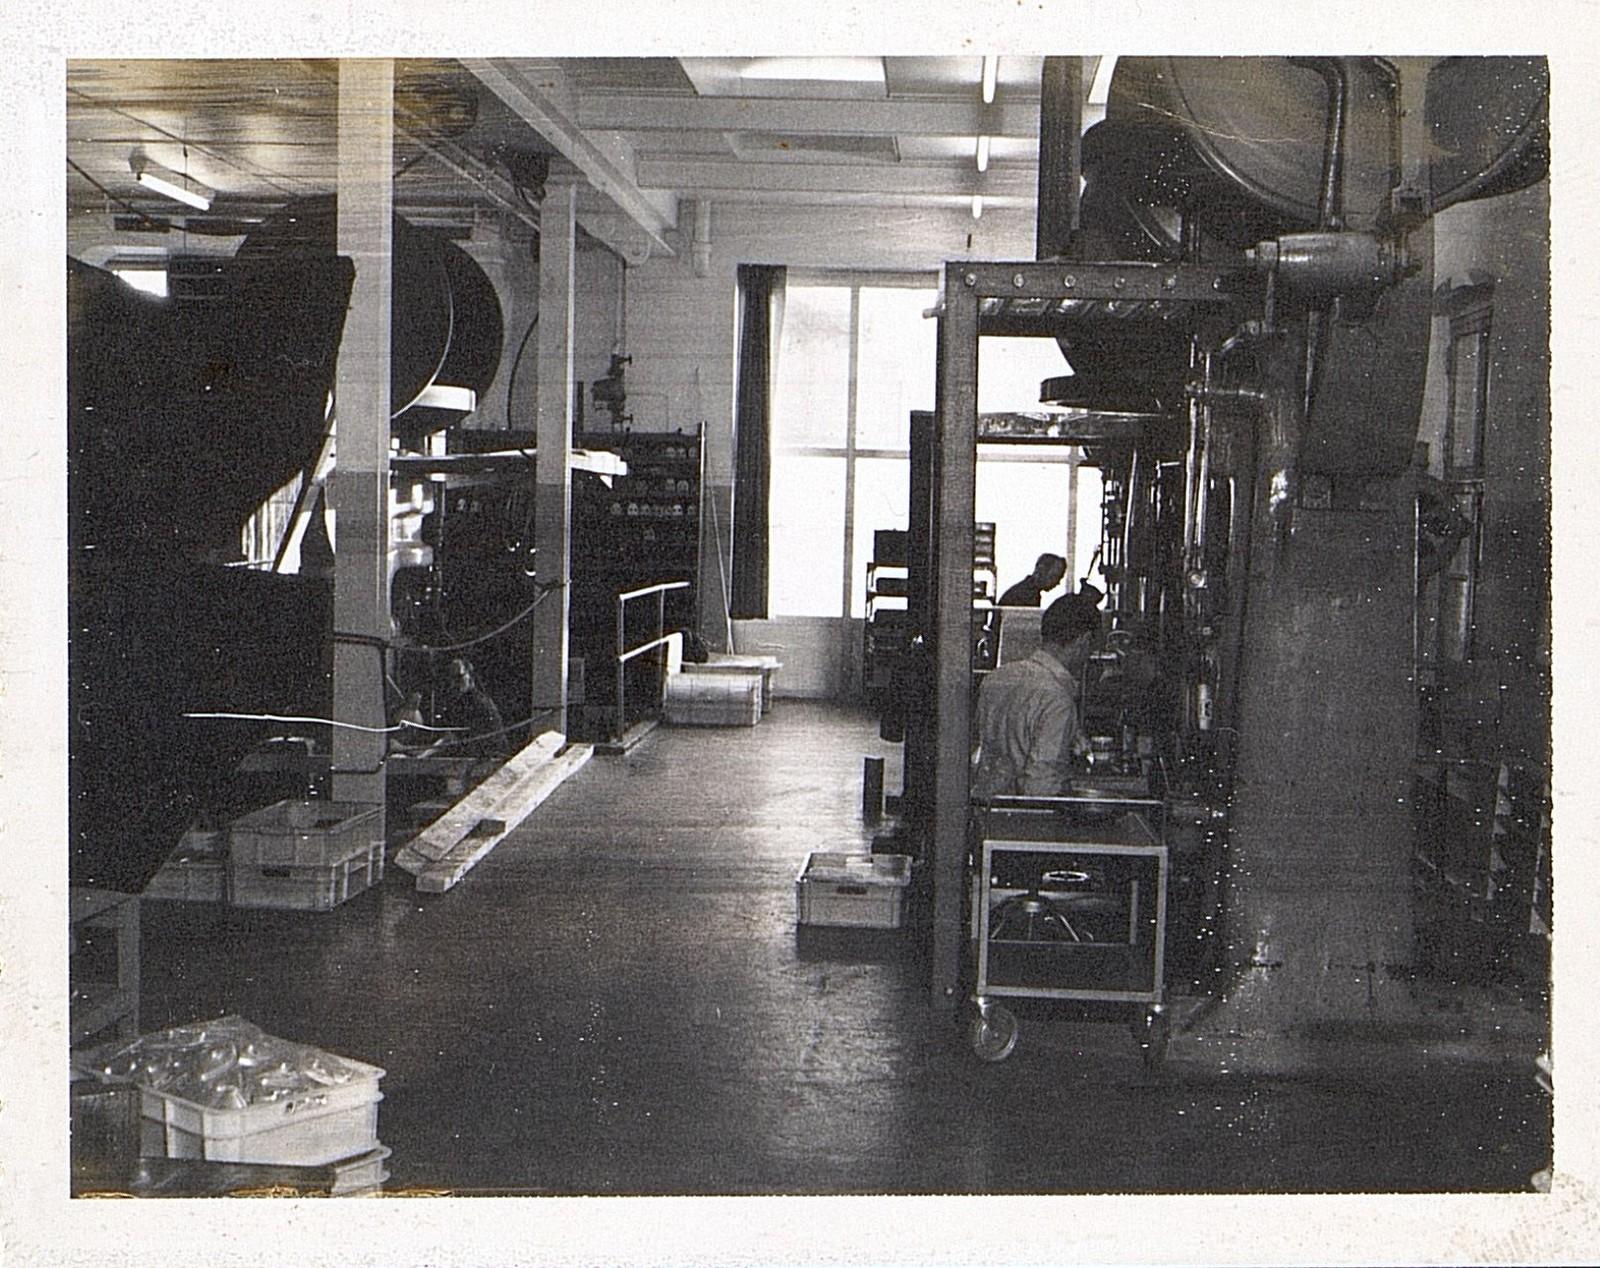 Fra virksomheten, 1960-70-tallet. Fotograf ukjent.